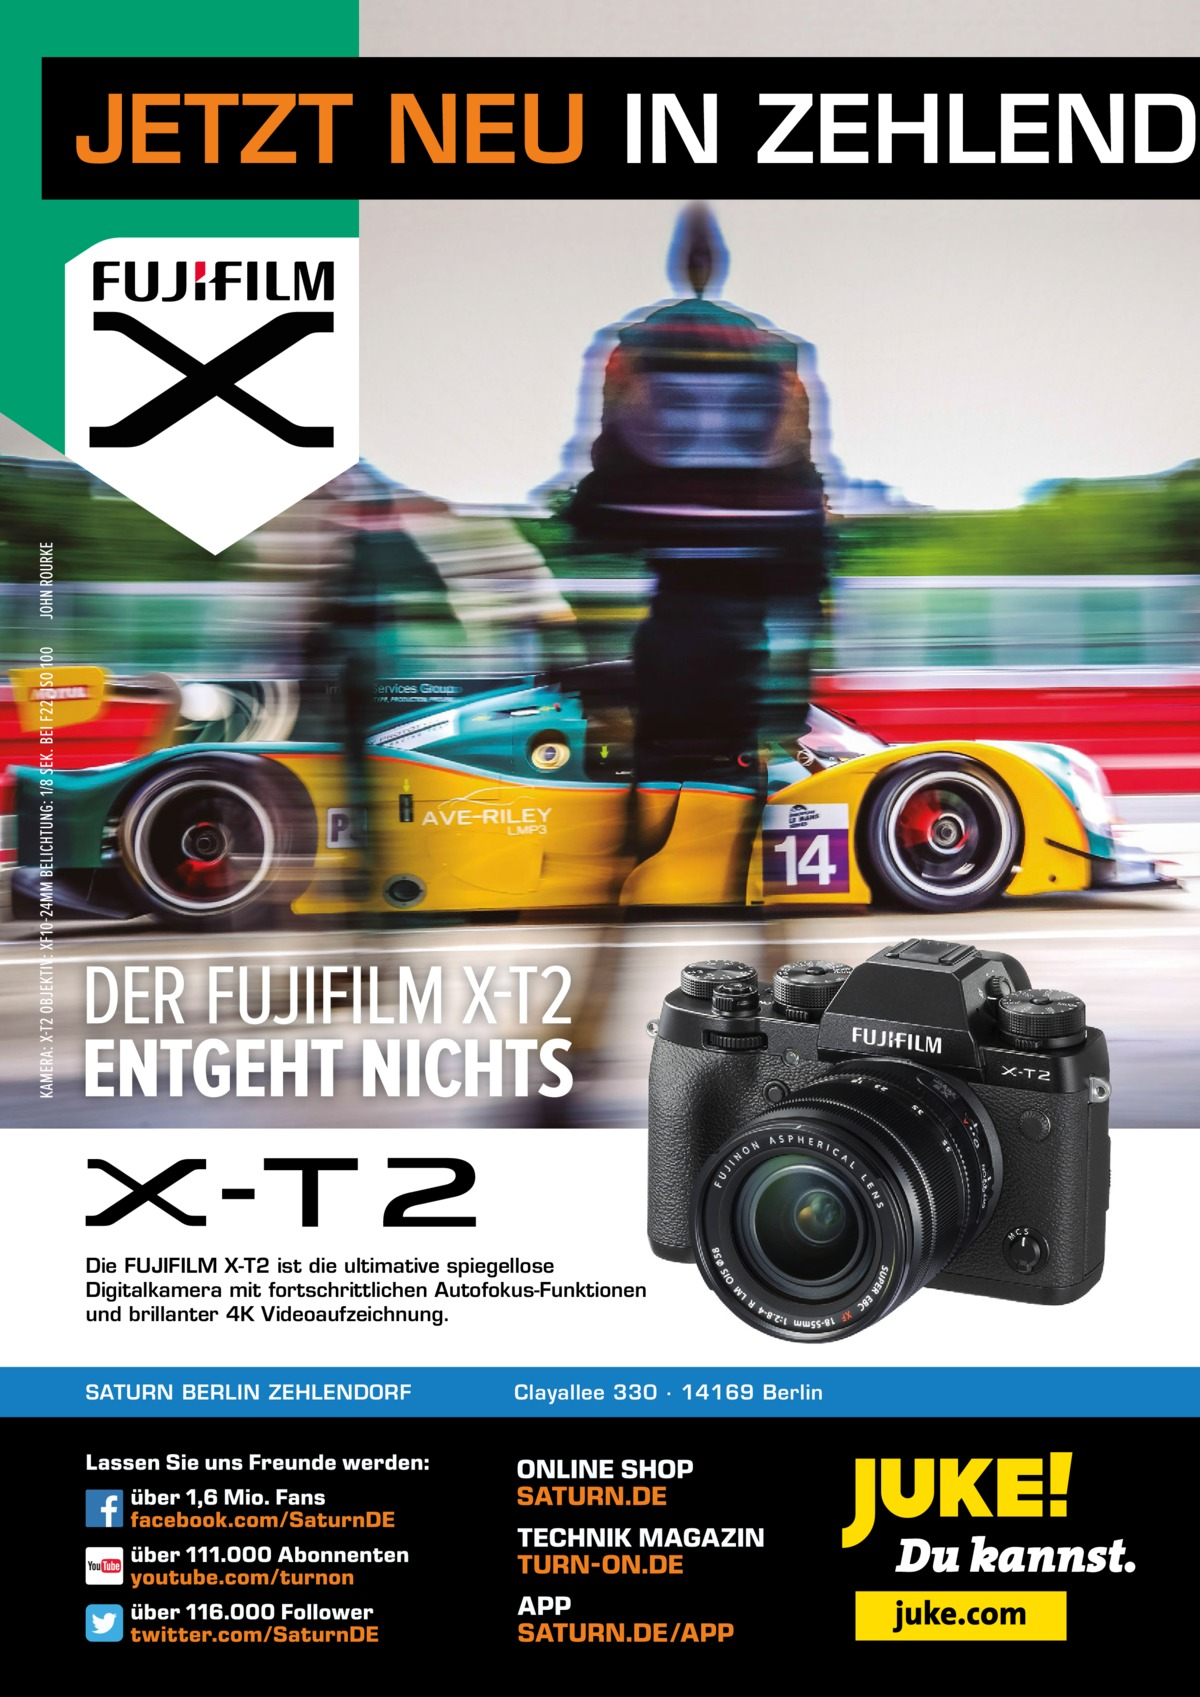 JETZT NEU IN ZEHLENDO  Die FUJIFILM X-T2 ist die ultimative spiegellose Digitalkamera mit fortschrittlichen Autofokus-Funktionen und brillanter 4K Videoaufzeichnung.  SATURN BERLIN ZEHLENDORF  Clayallee 330 ∙ 14169Berlin